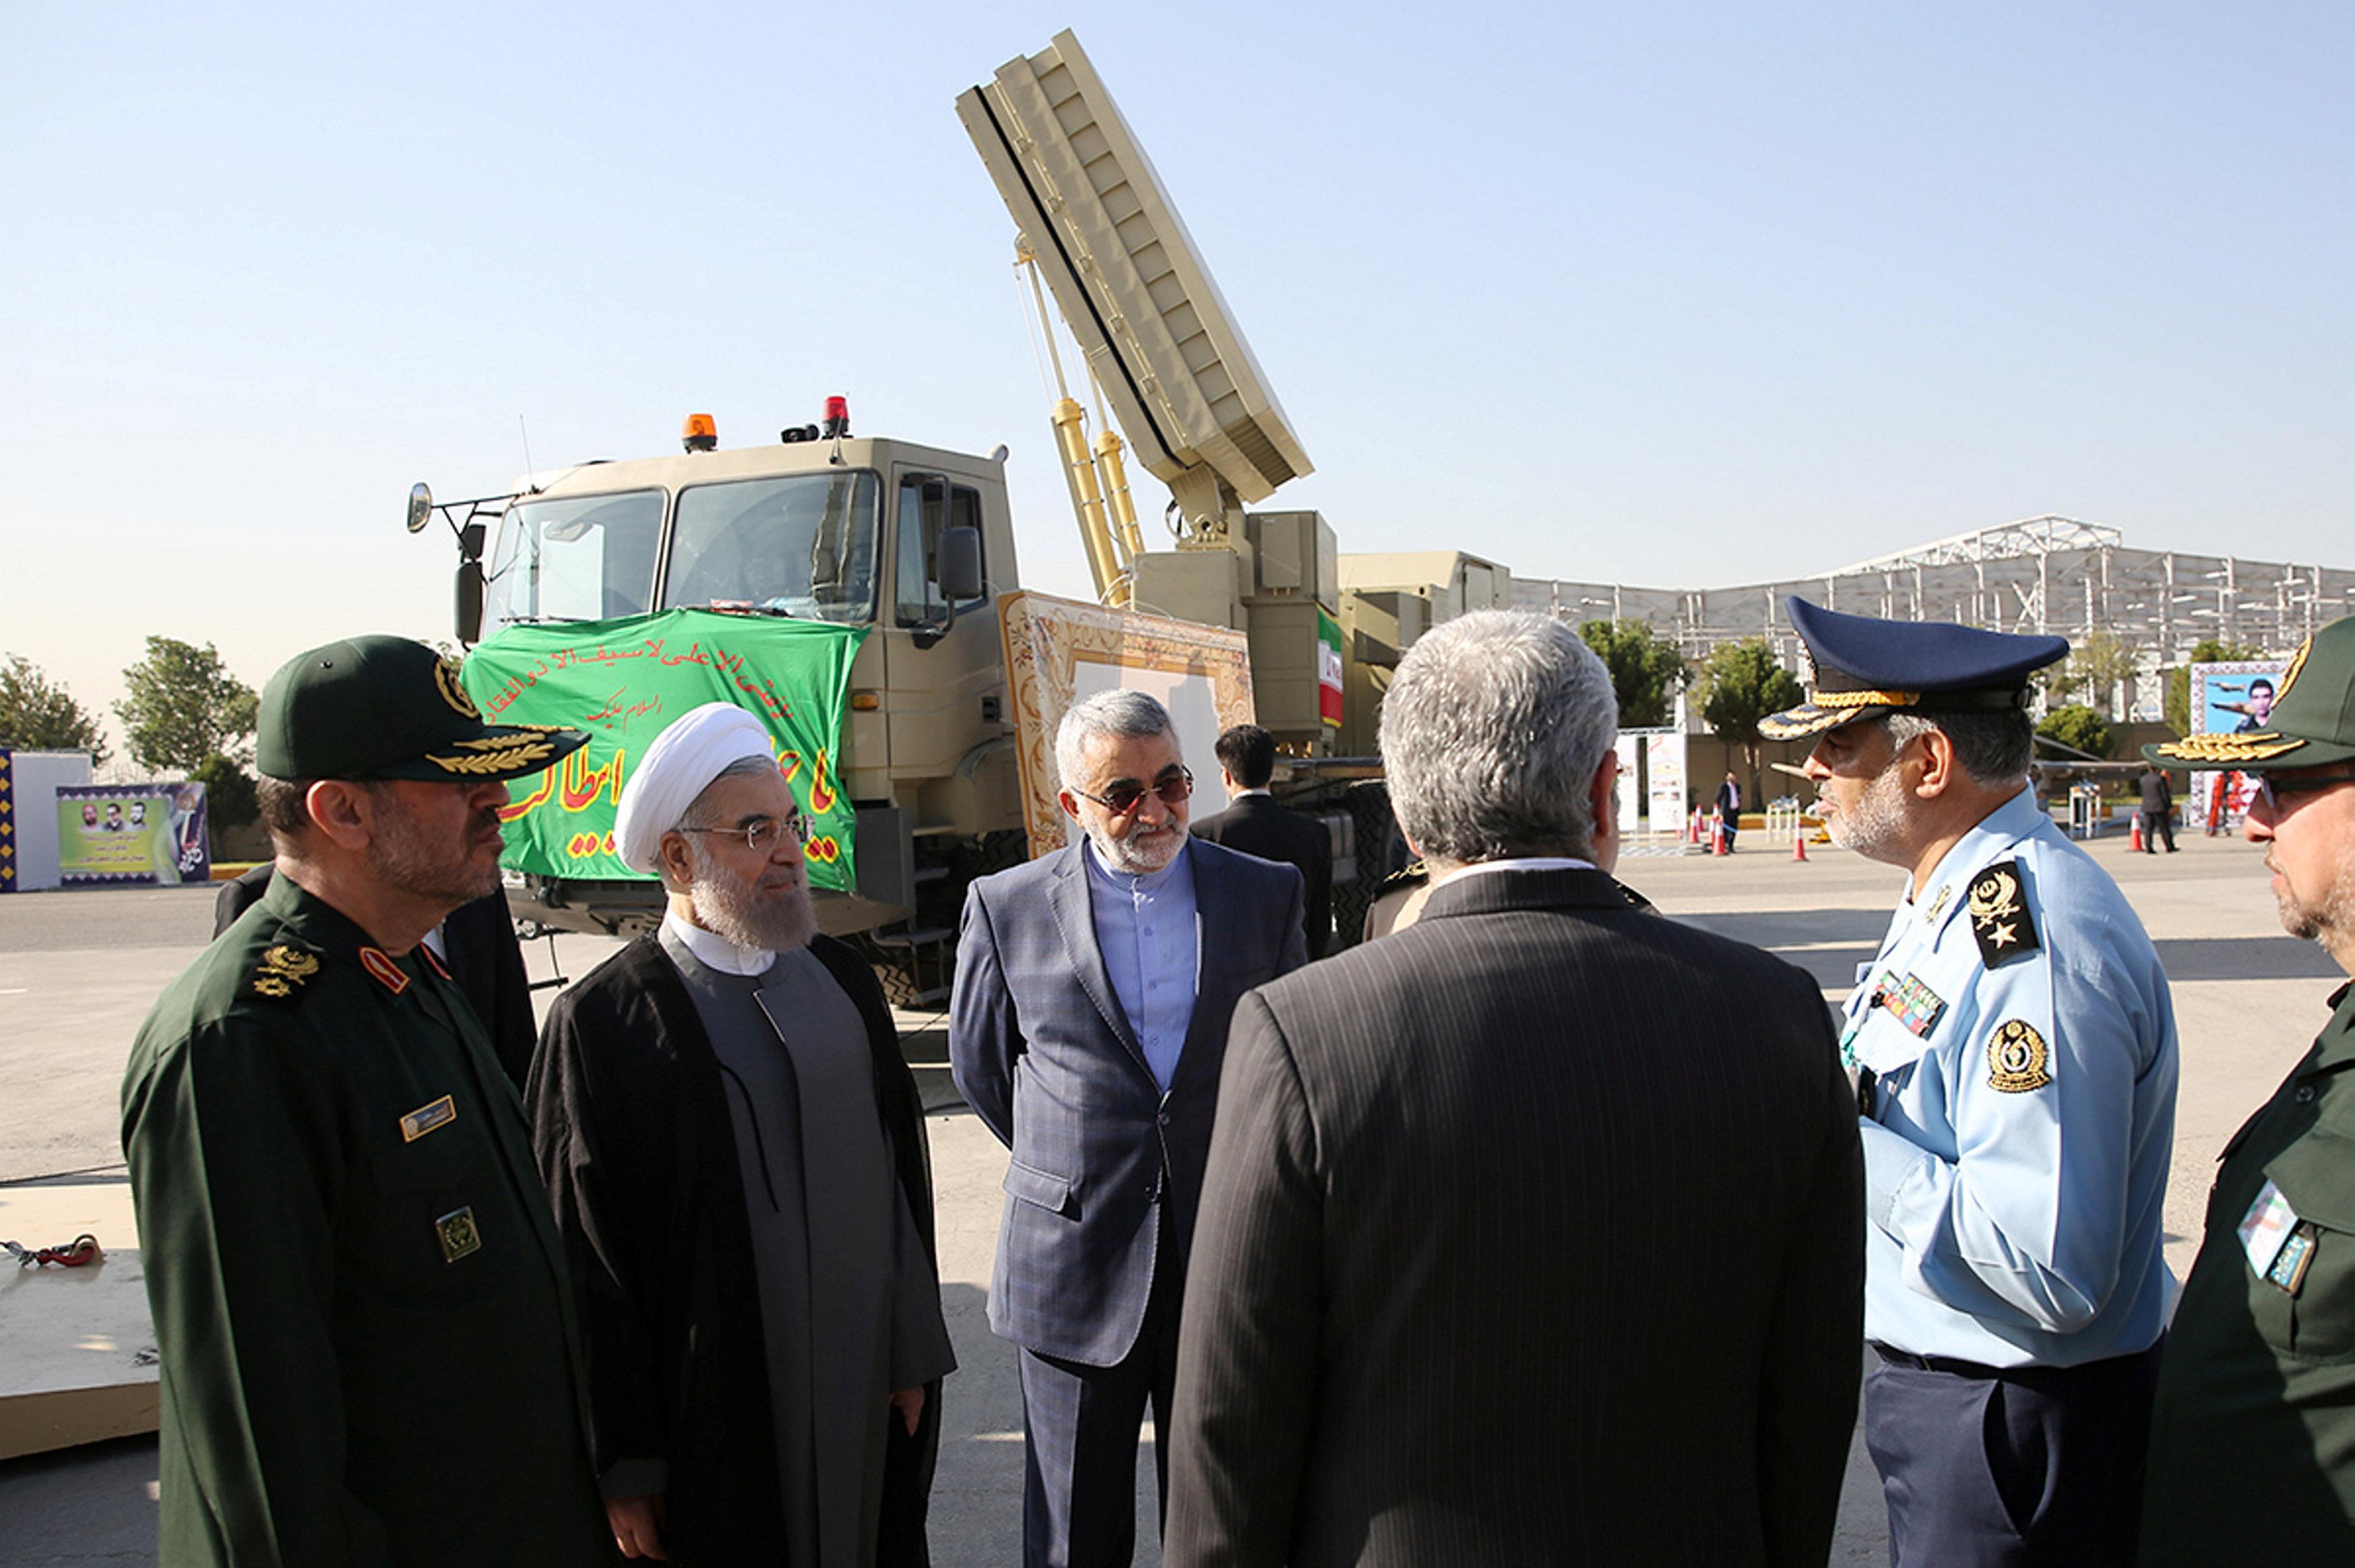 O presidente do Irã Hassan Rouhani (segundo à esquerda) e o ministro da Defesa Hossein Dehghan (à esquerda) perto do sistema de mísseis Bavar 373 em Teerã, Irã, 21 de agosto de 2016